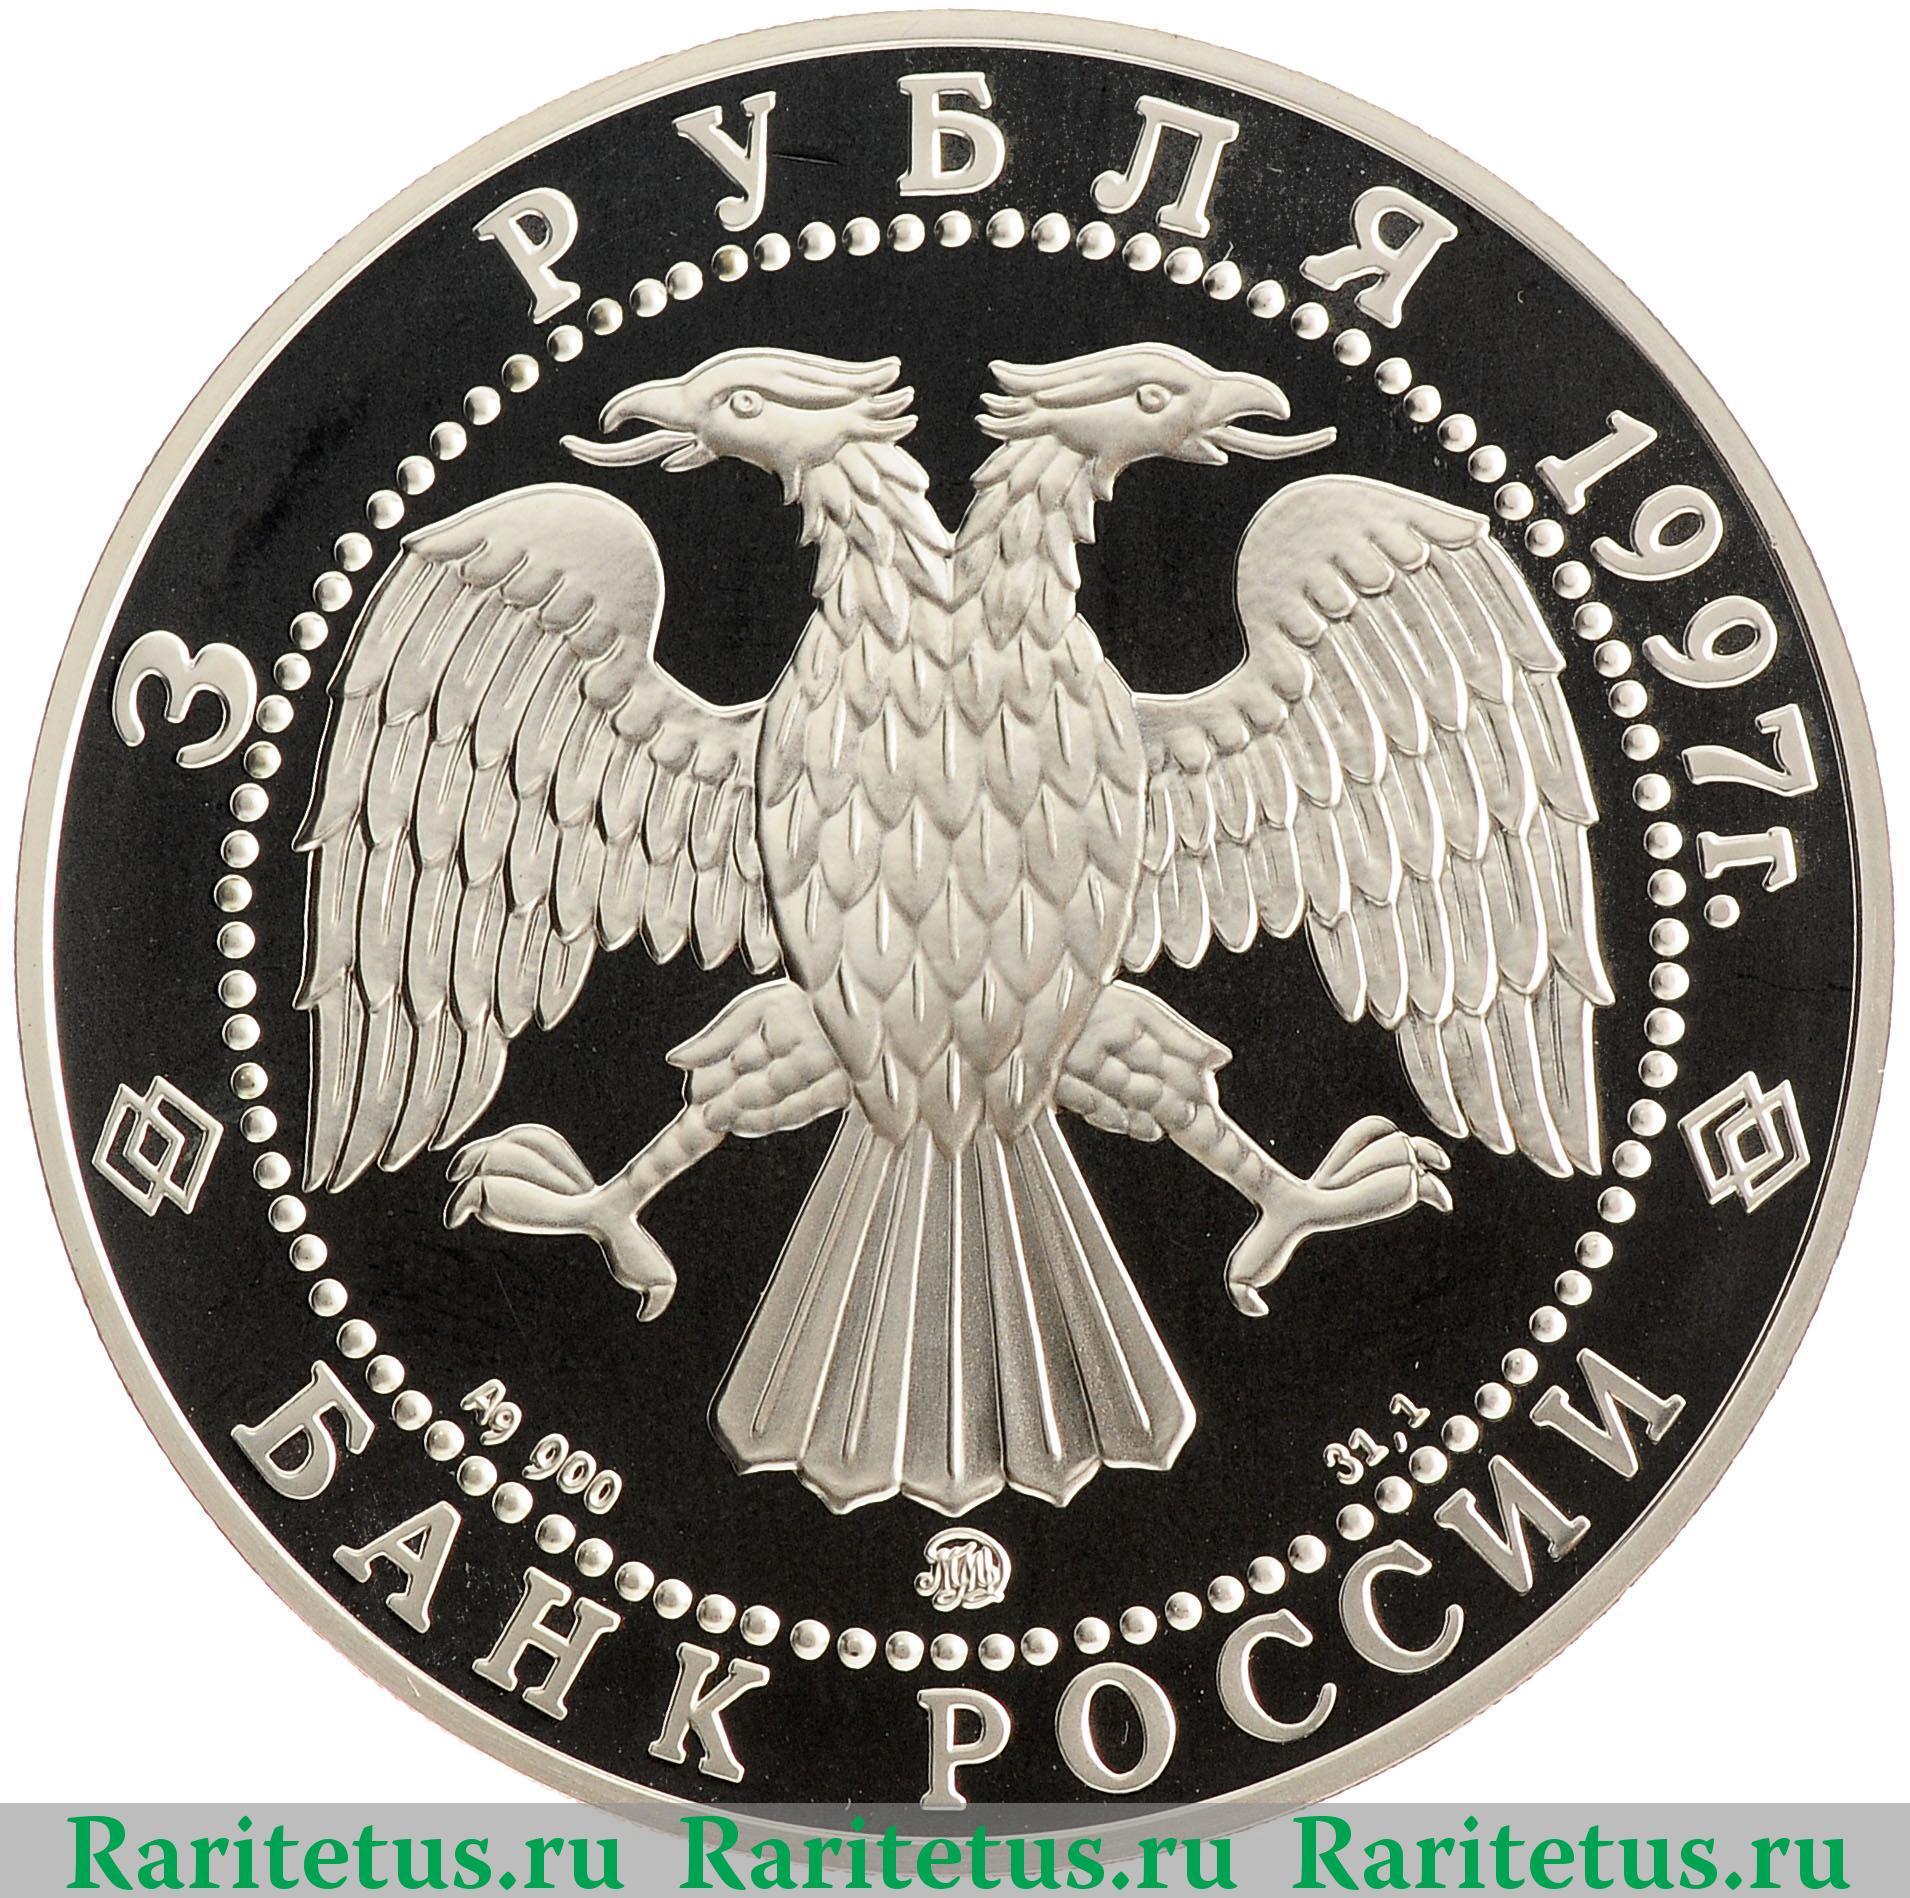 Цена на памятники в ярославле к рублю памятники на могилу уфа цены официальный сайт